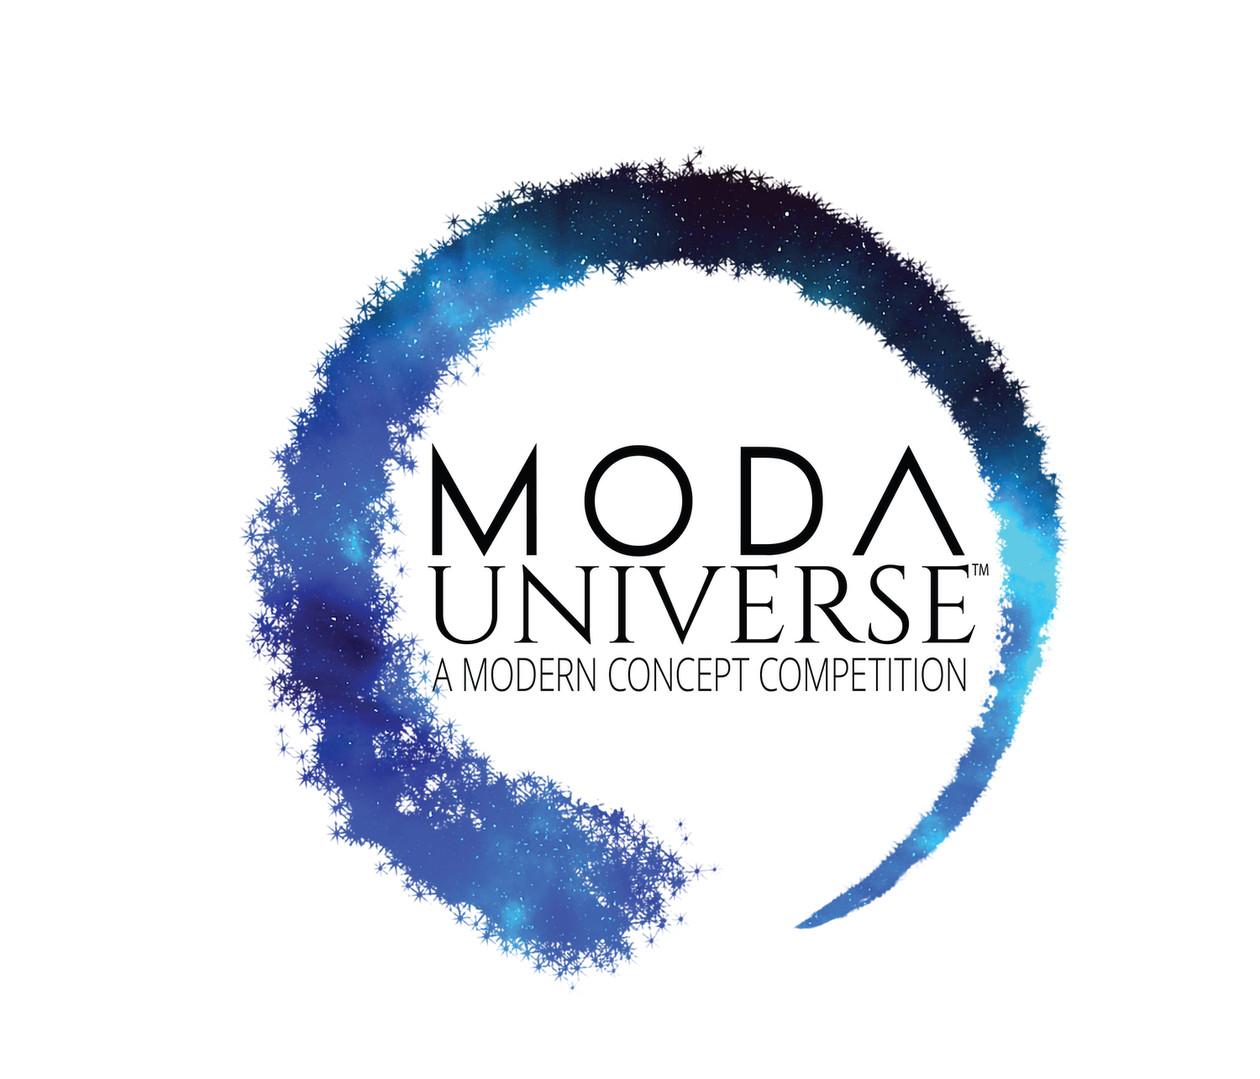 MODA Universe